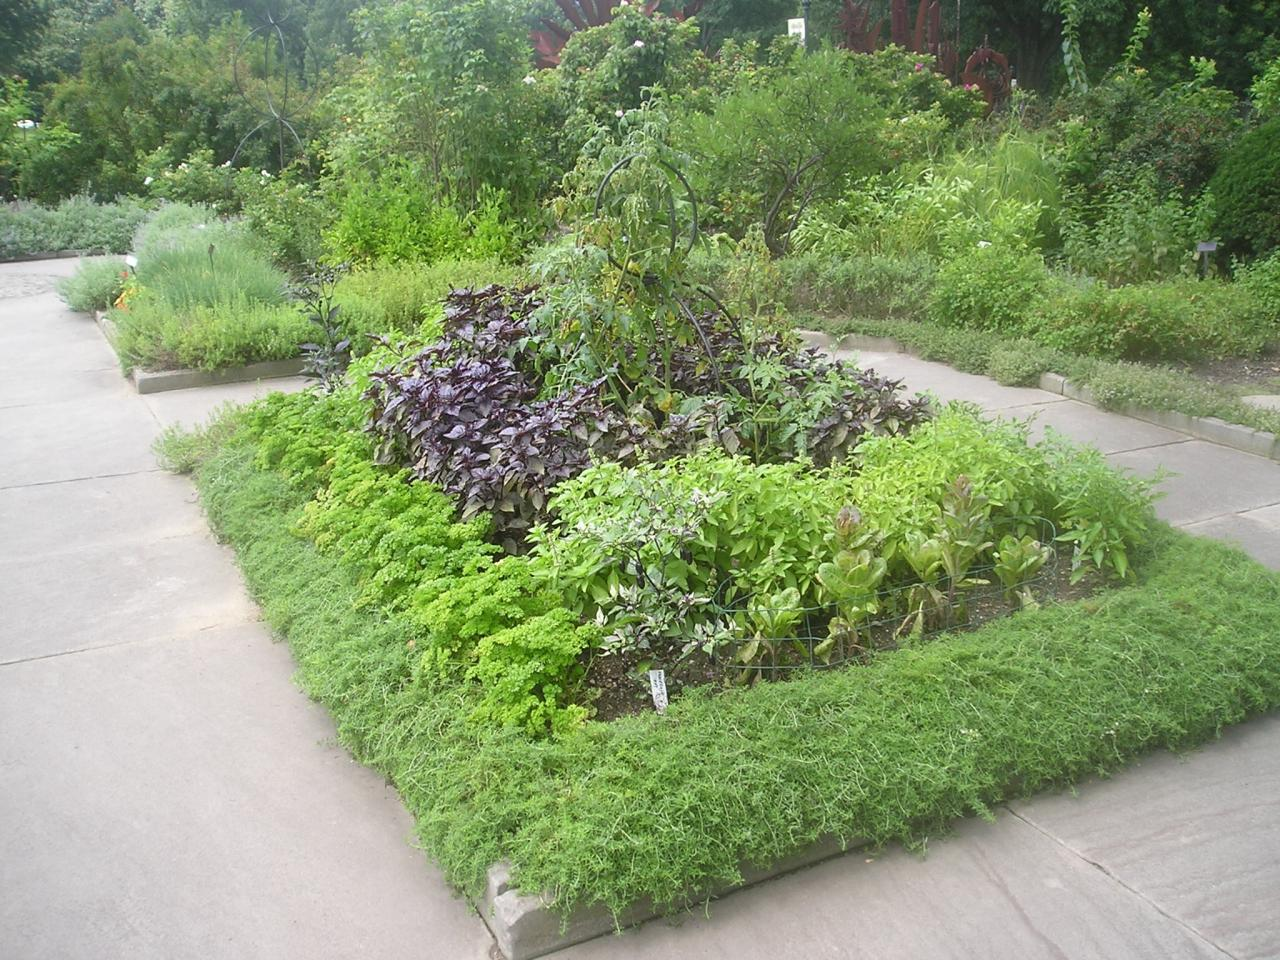 Edible landscape design hgtv for Edible garden ideas designs